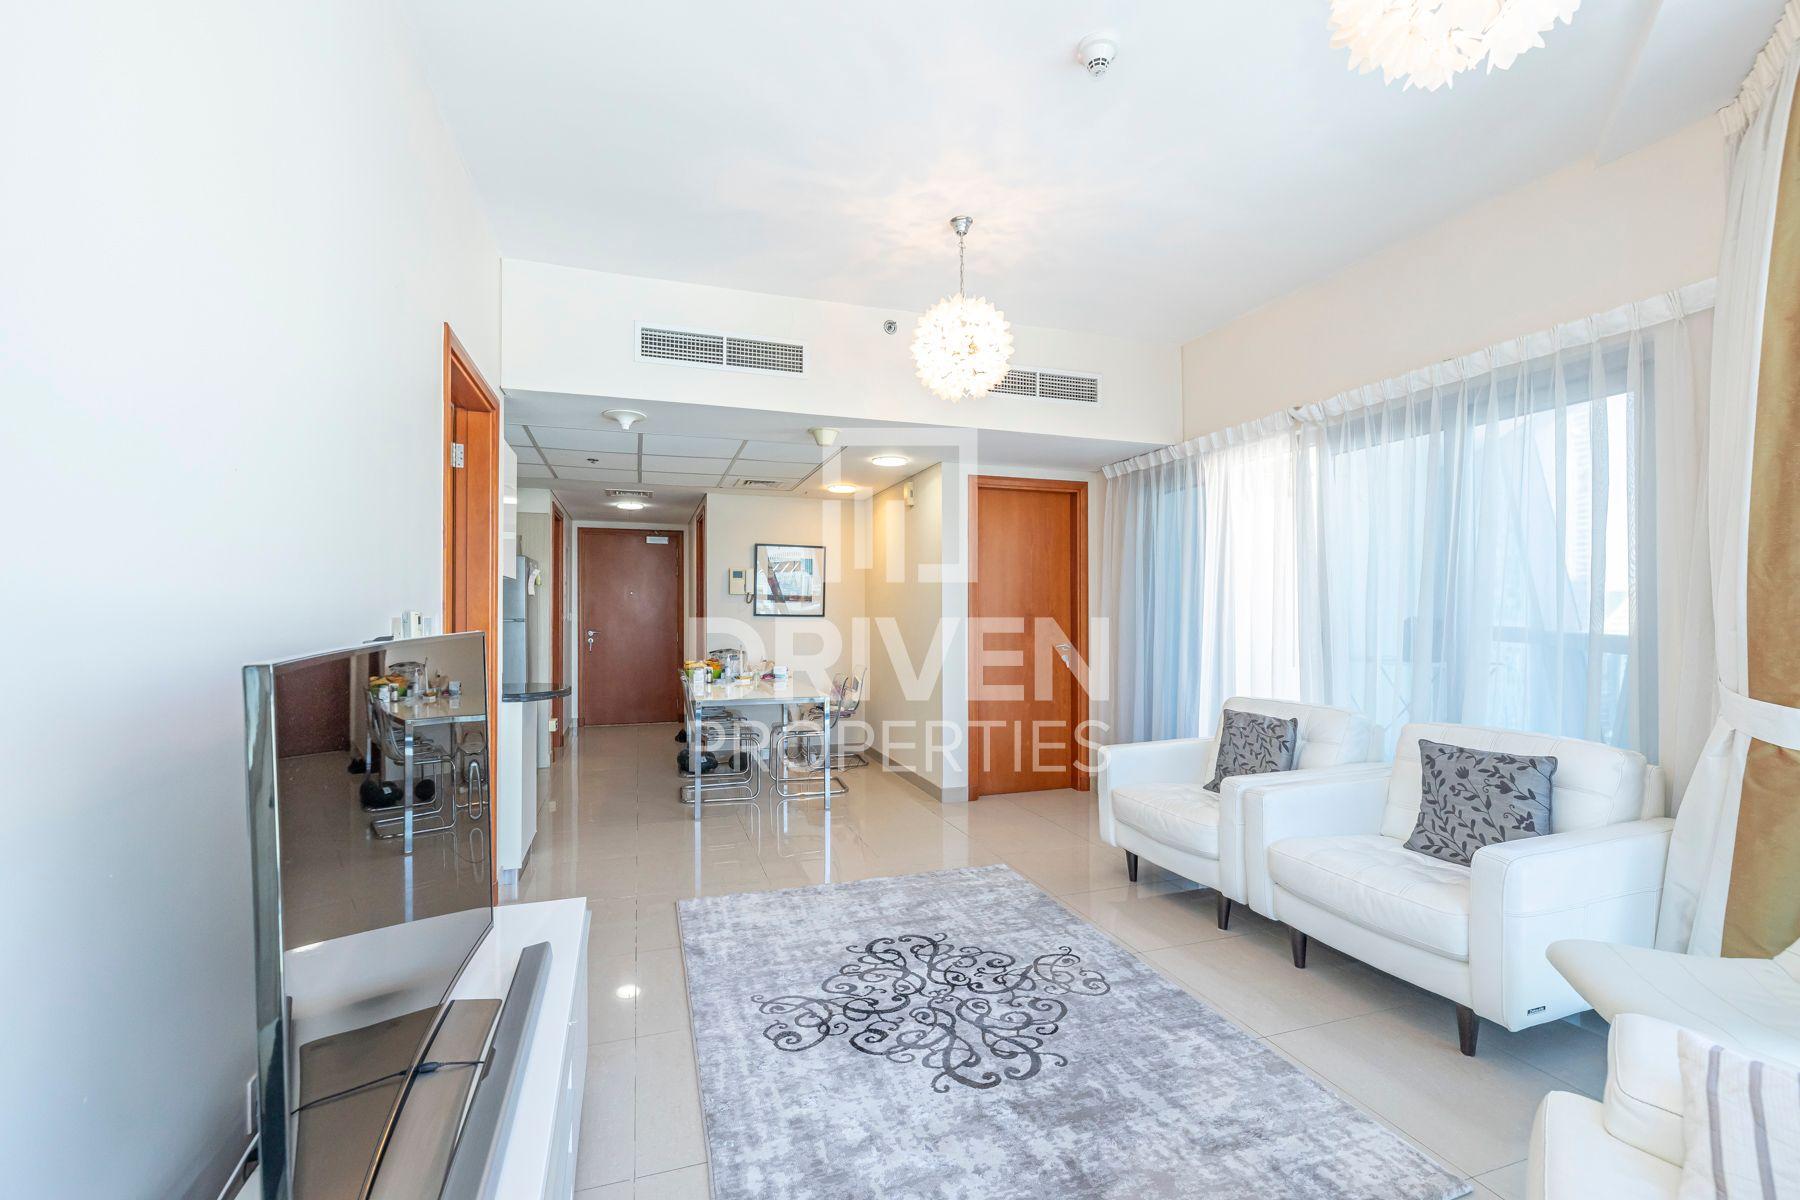 1,320 قدم مربع  شقة - للايجار - مركز دبي المالي العالمي